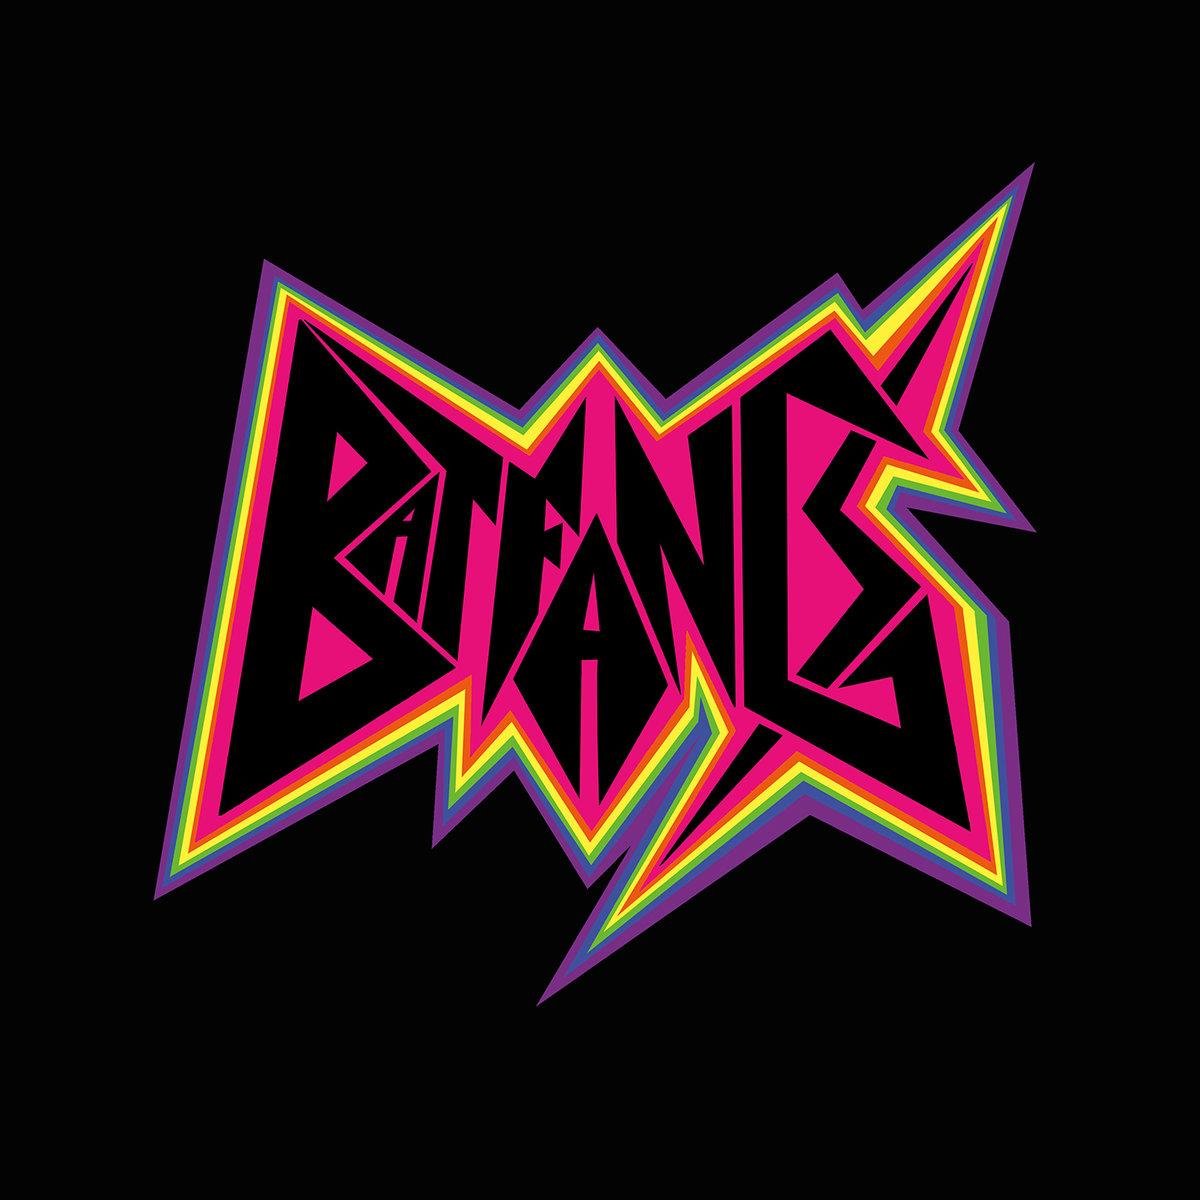 Bat Fangs - s/t LP